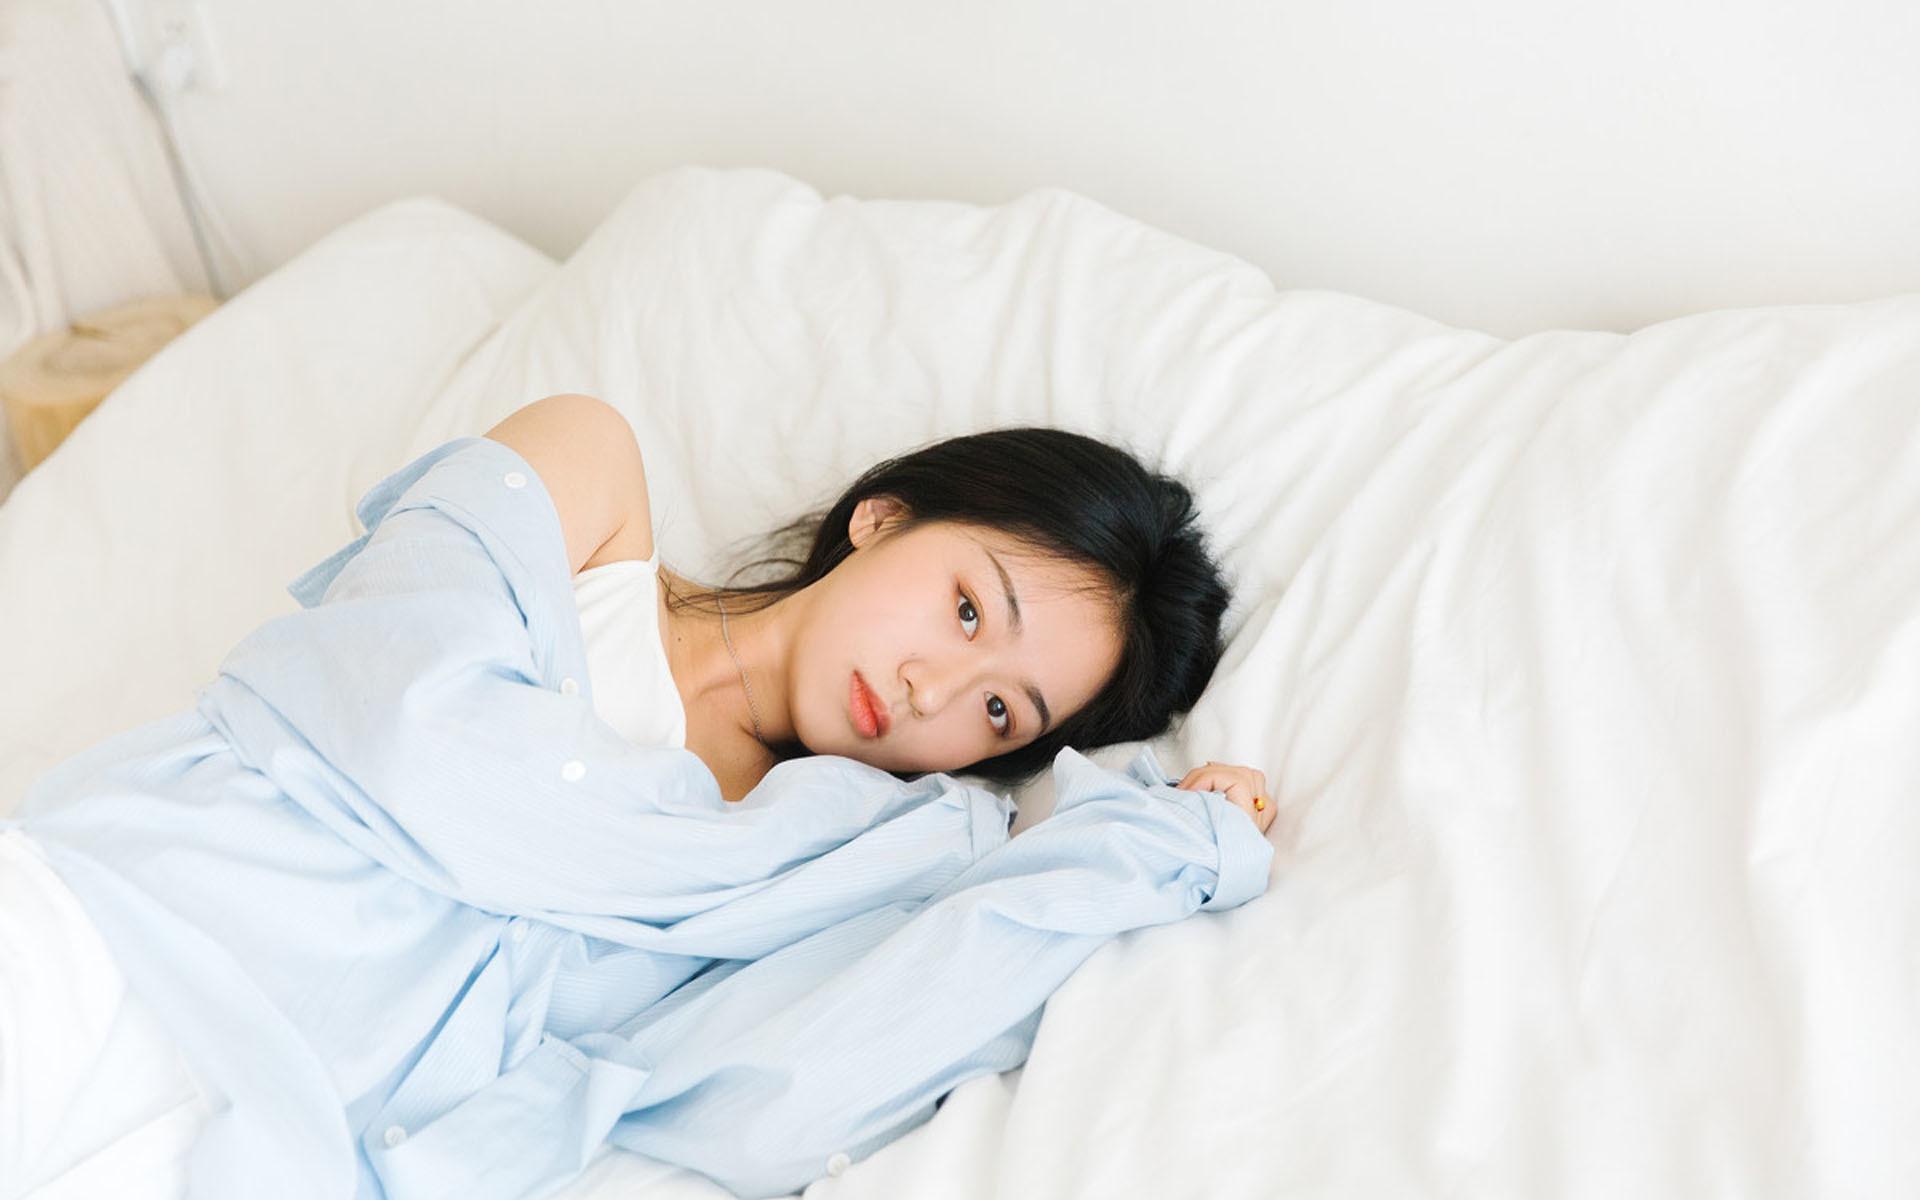 绝世好女婿-陆锦, 越小柔-都市情感小说